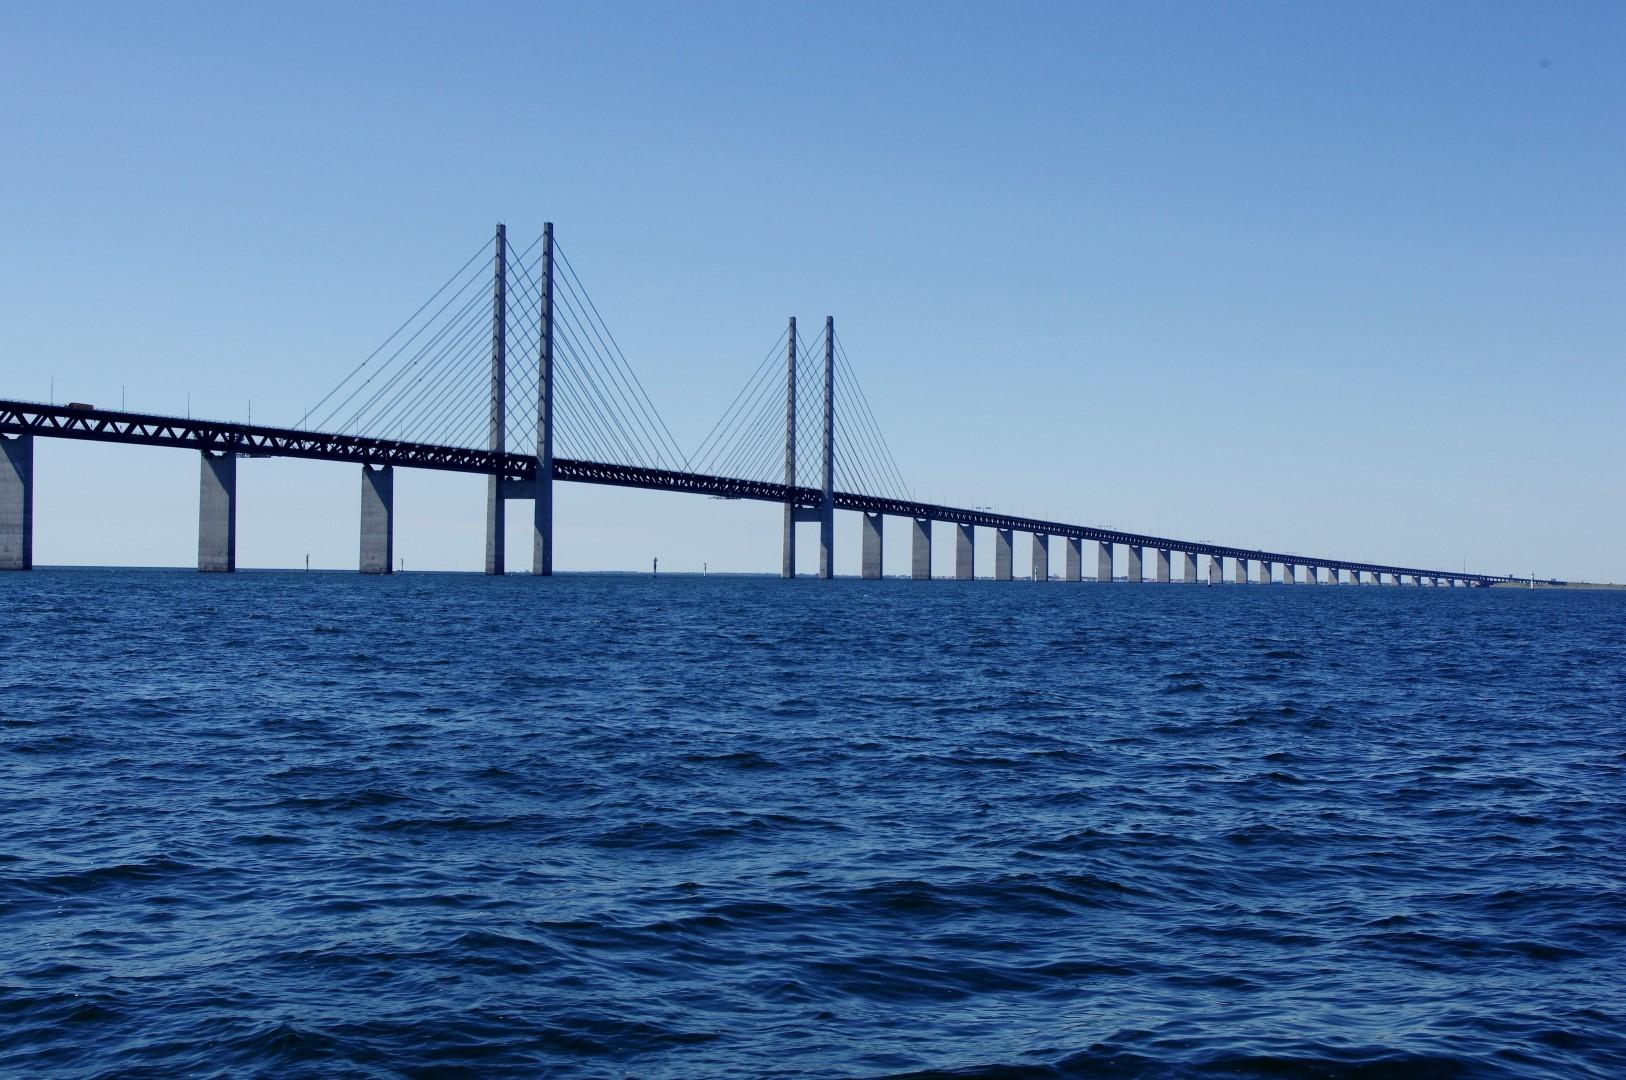 Die Bruecke ueber den Öresund verbindet Dänemark mit Schweden